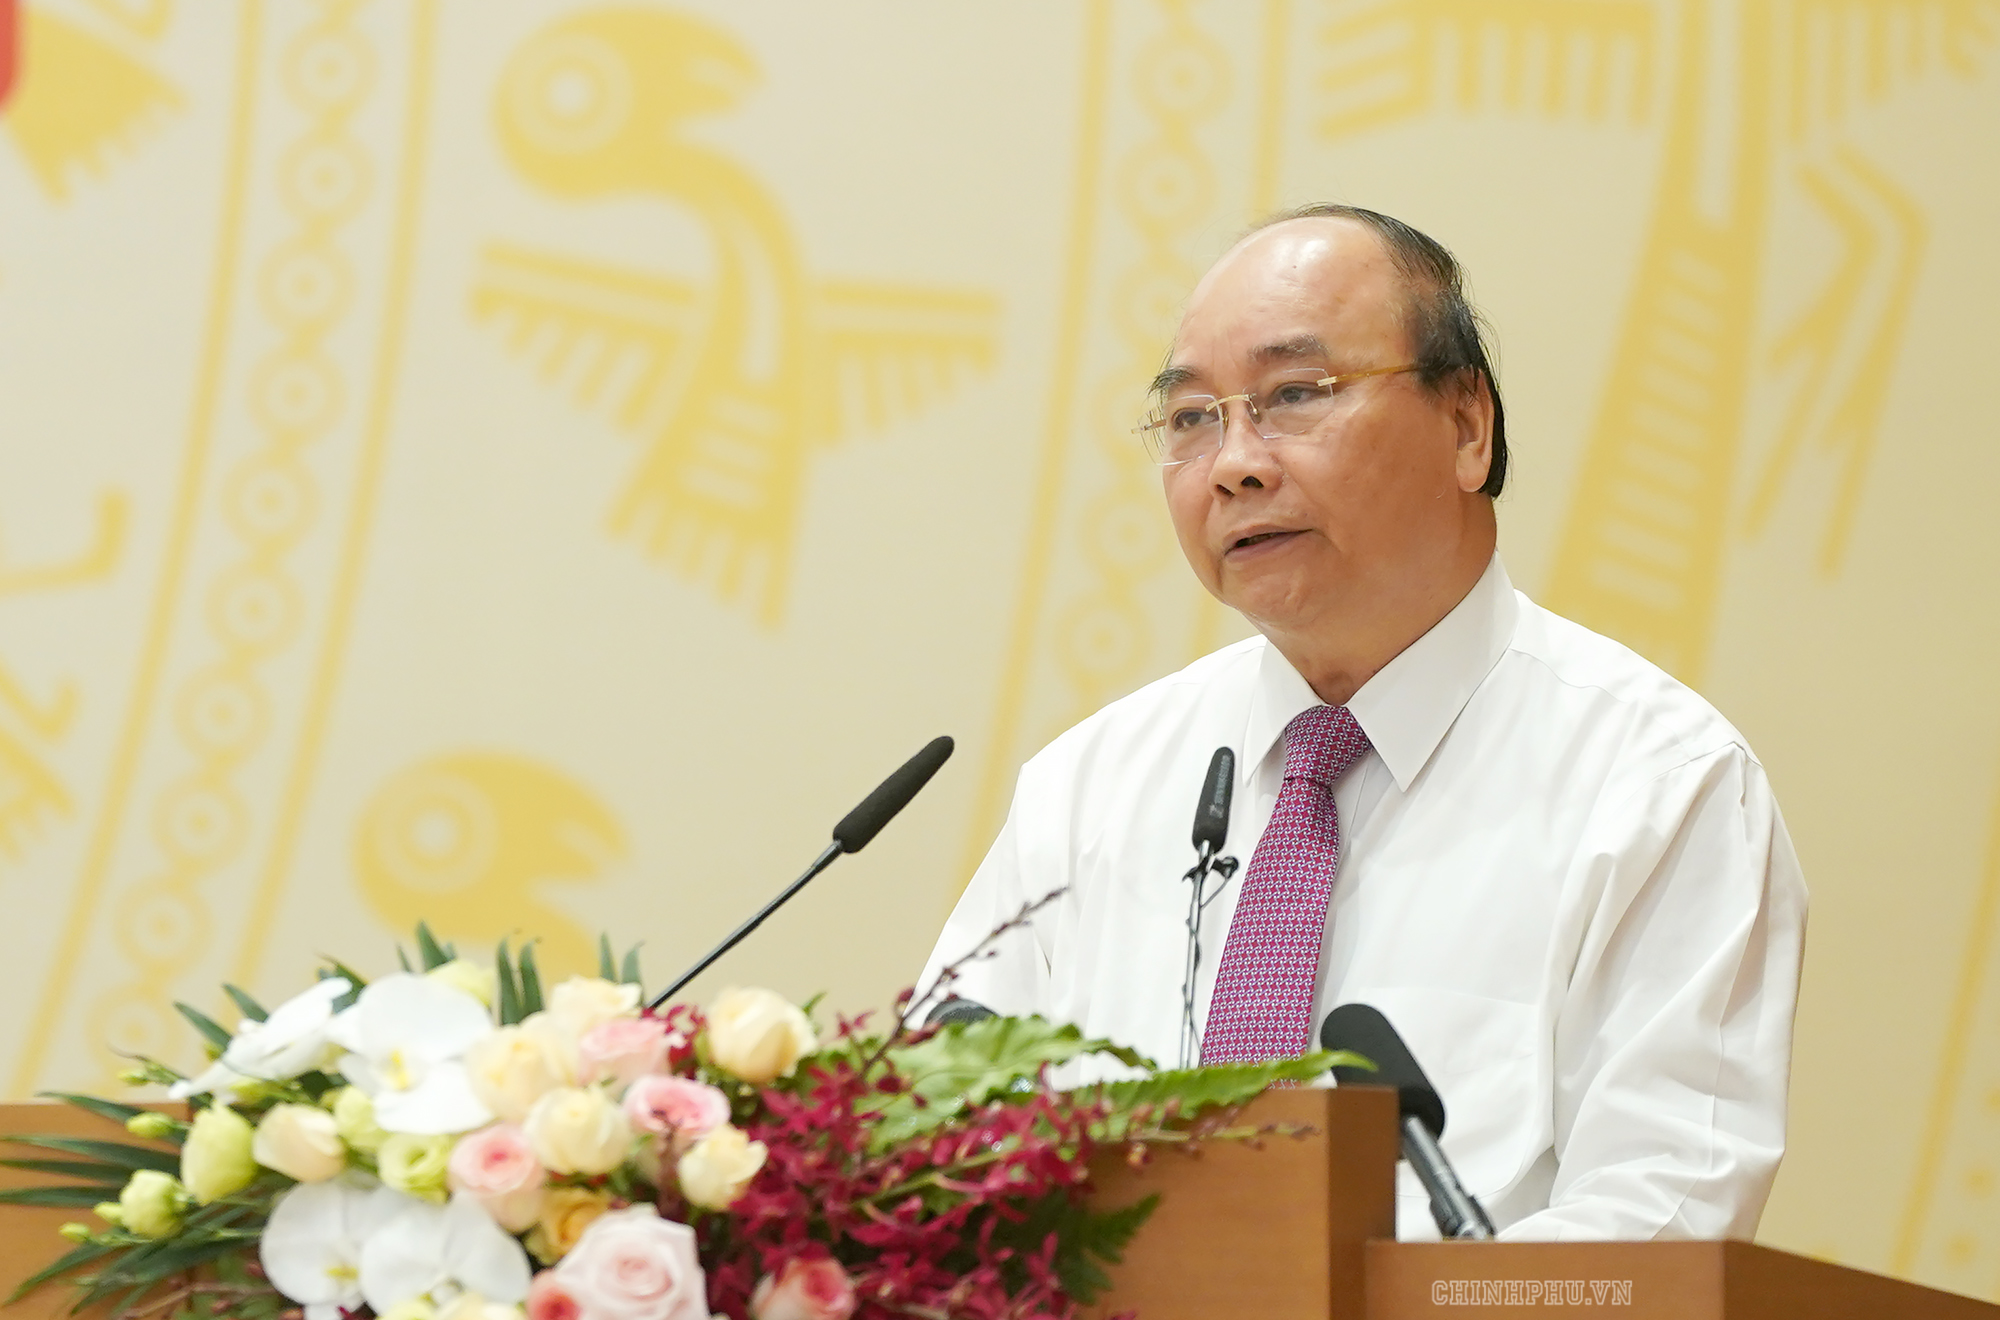 chinh-phu-thuong-ky-6-thang-03.jpg